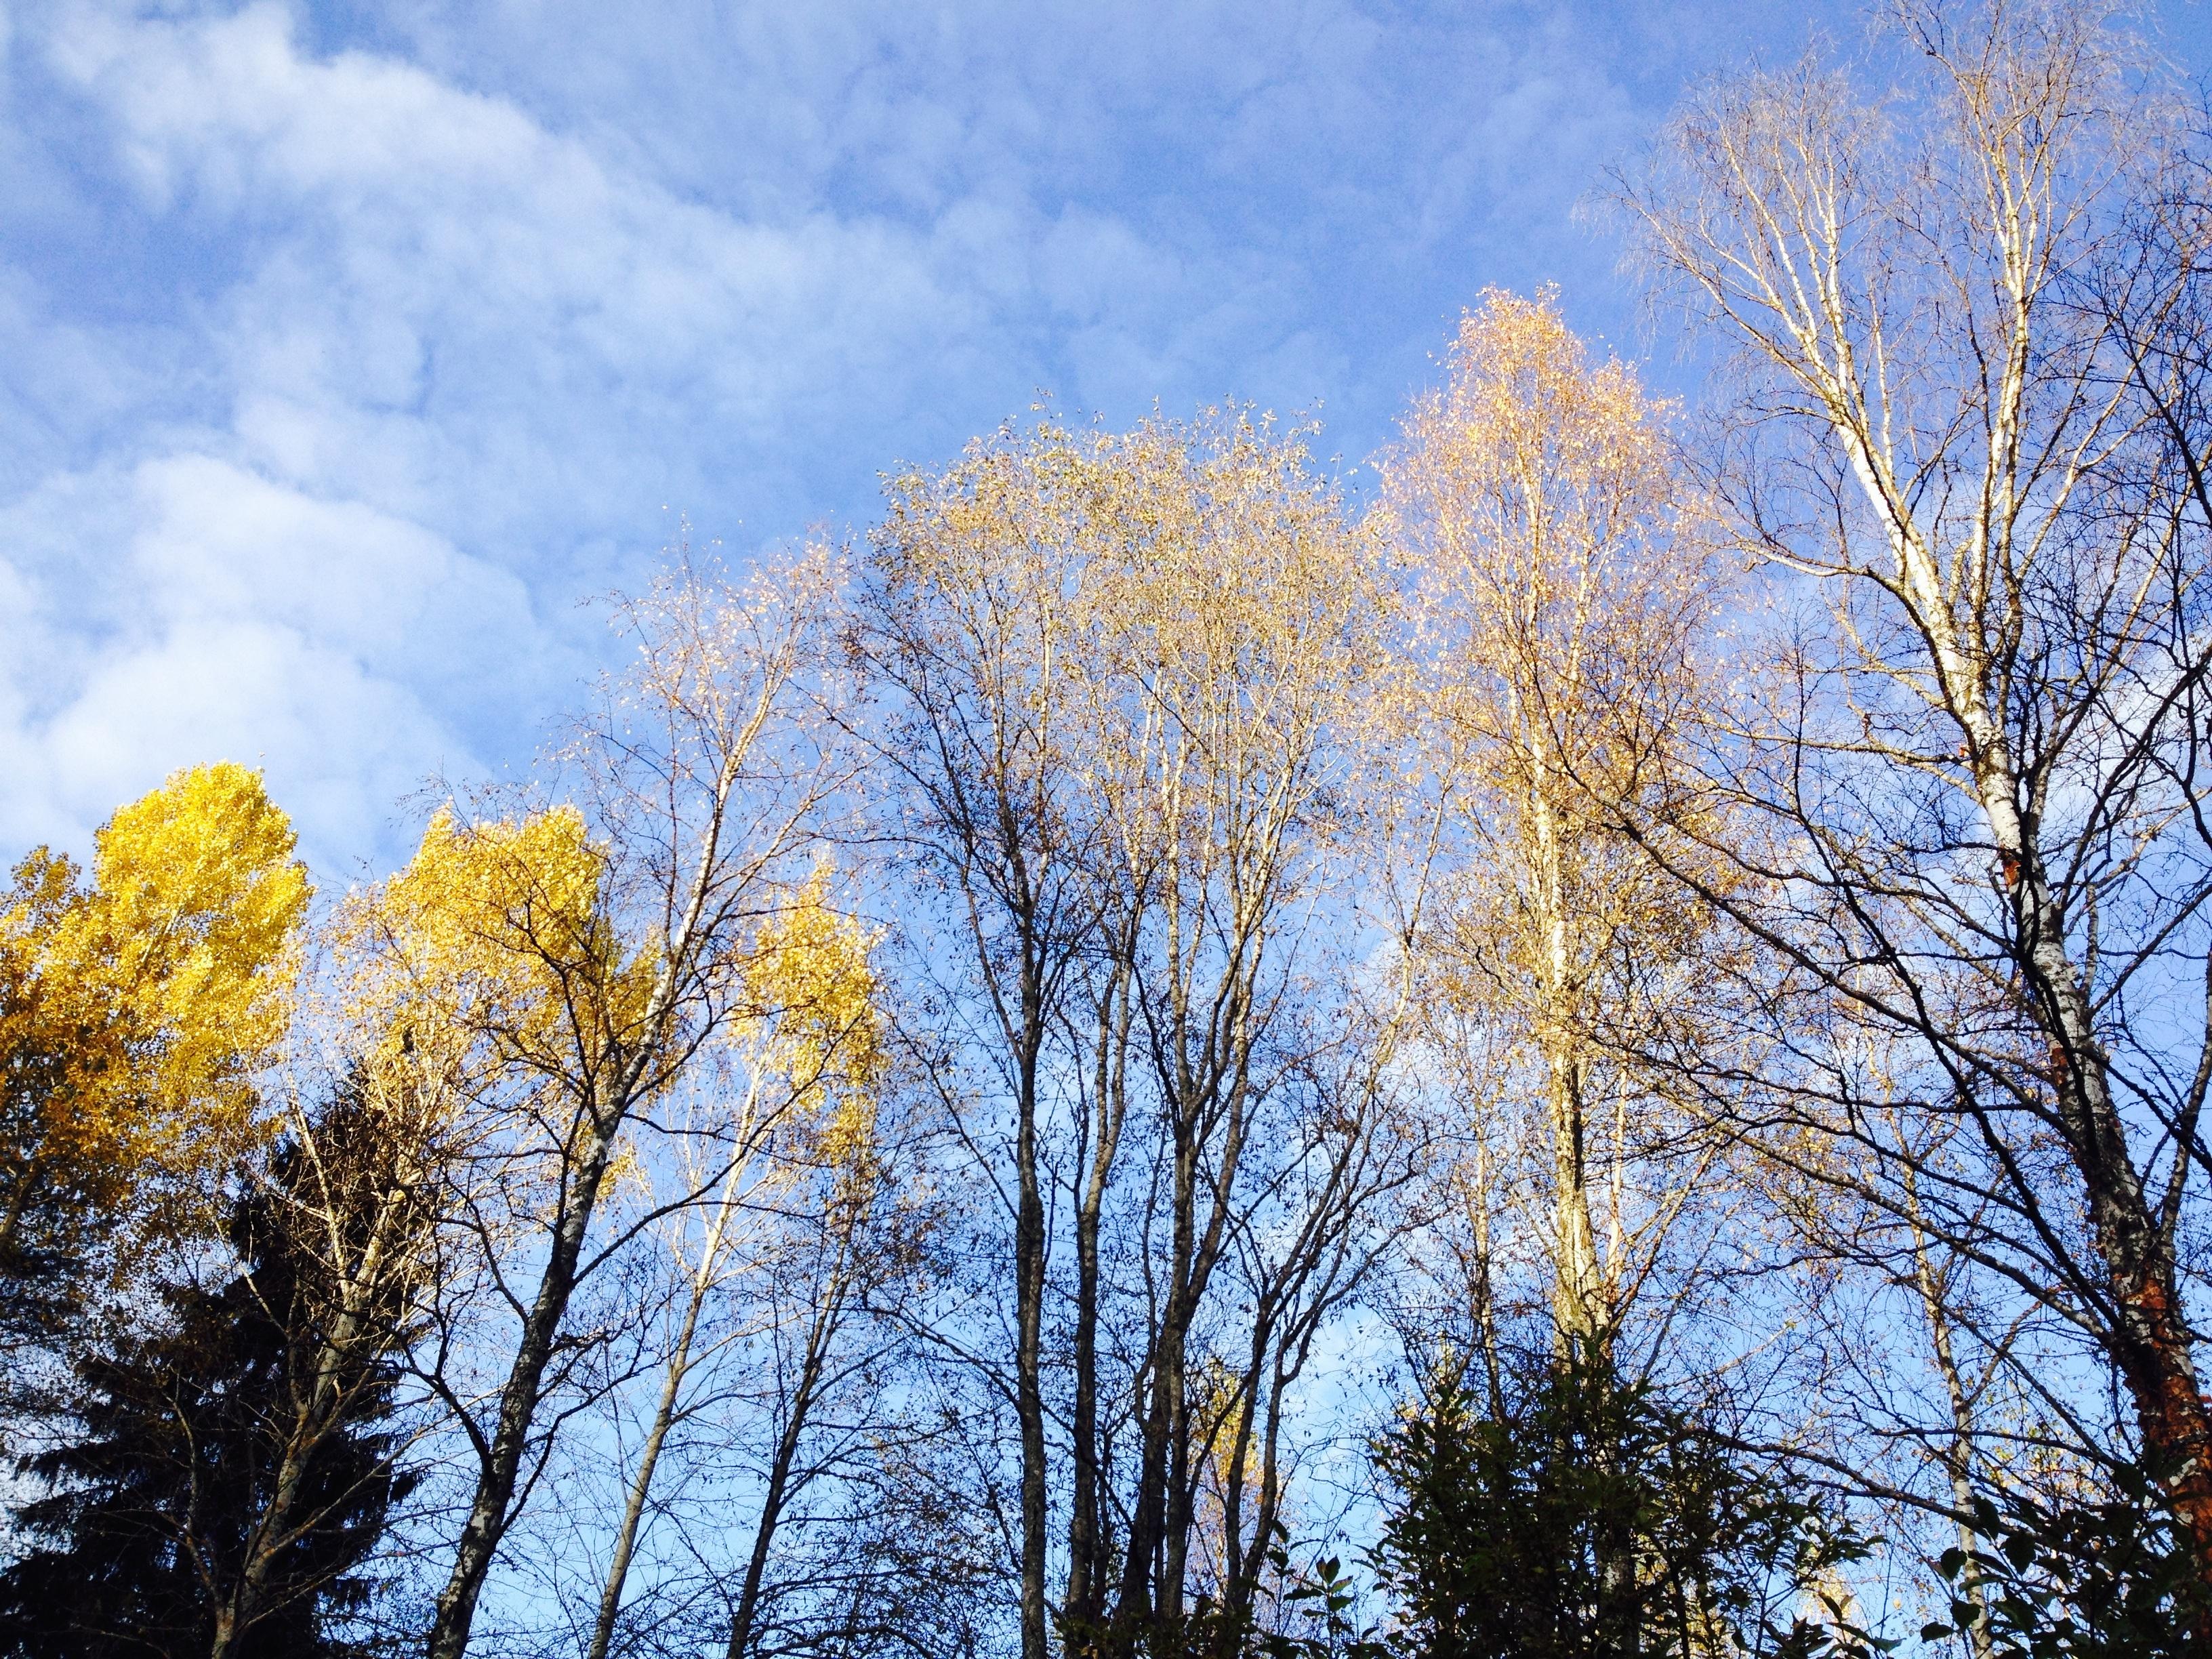 foto de Images Gratuites : arbre, la nature, forêt, branche, hiver, nuage ...